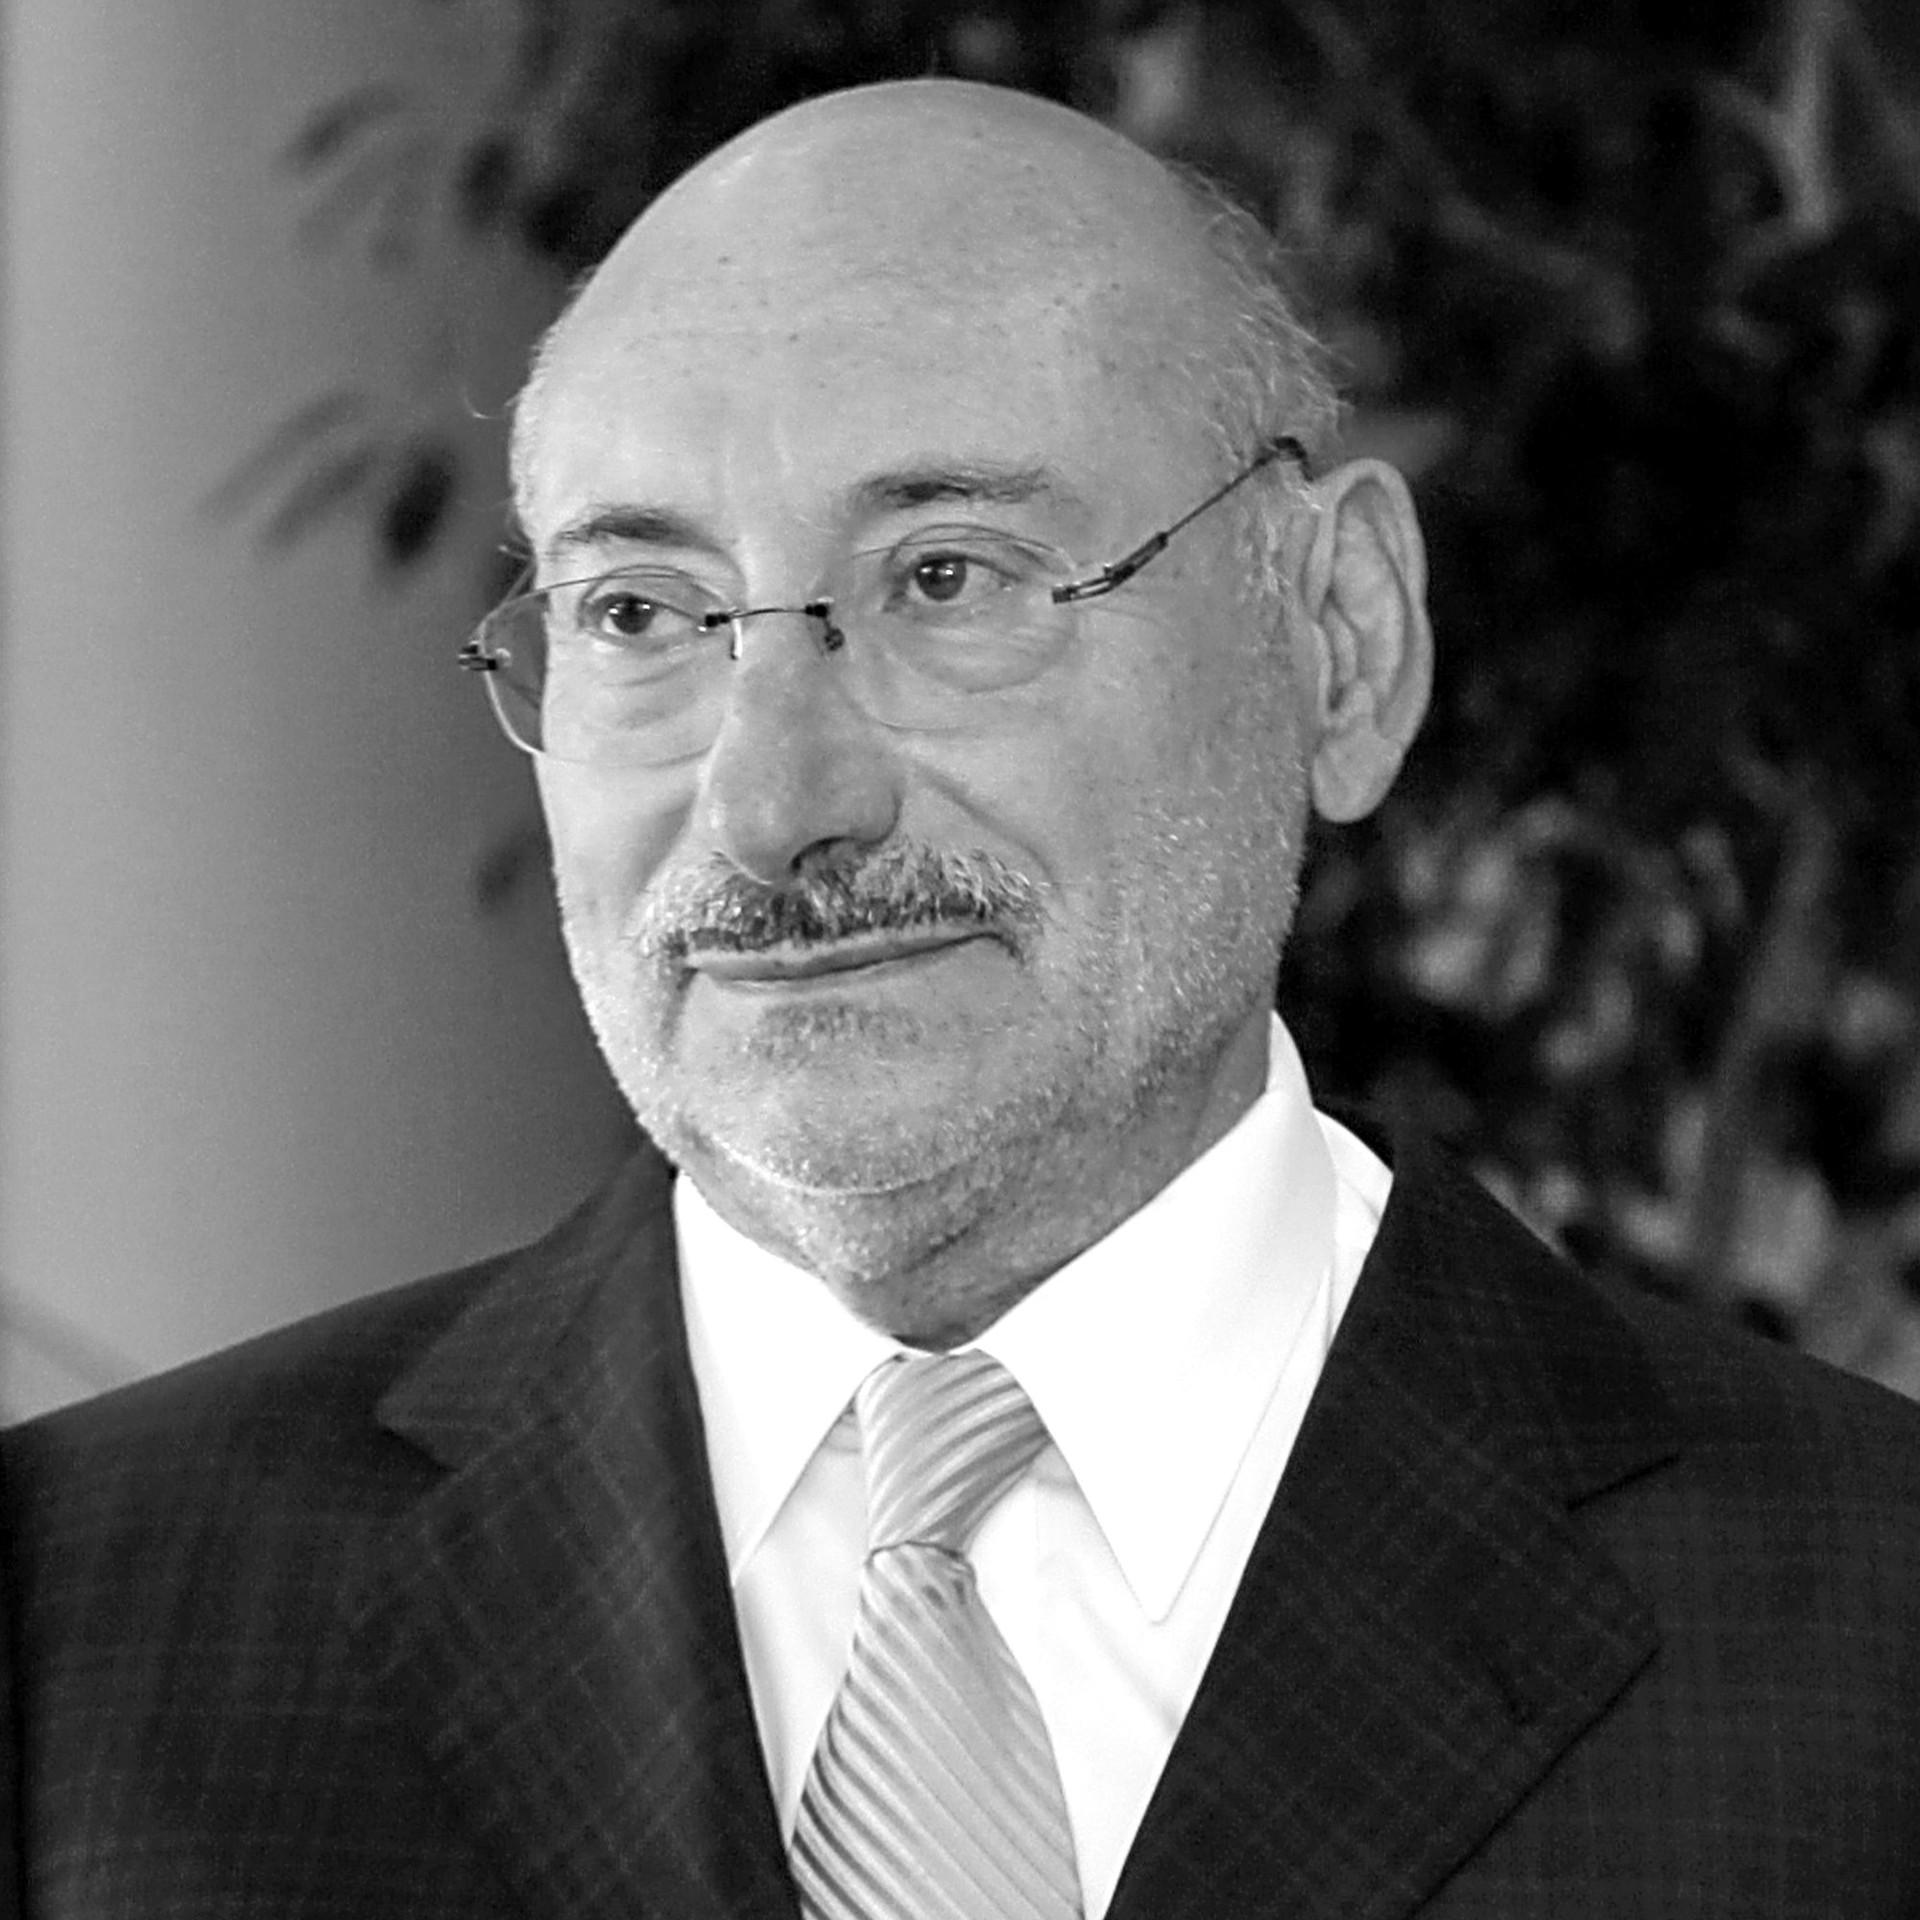 Comendador Jorge Rocha de Matos